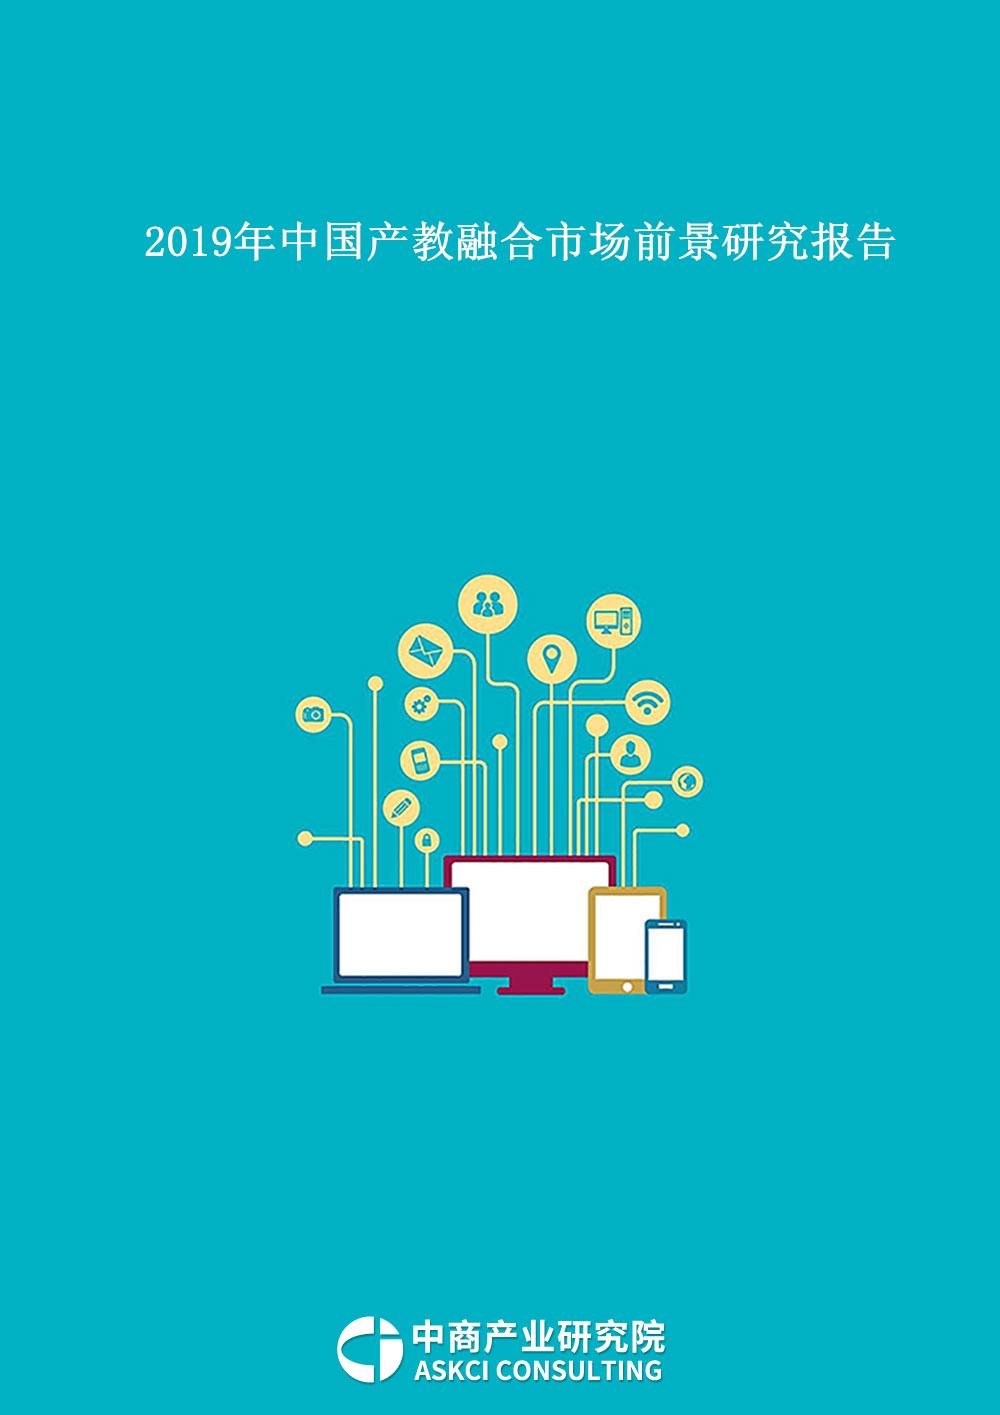 2019年中国产教融合市场前景研究报告